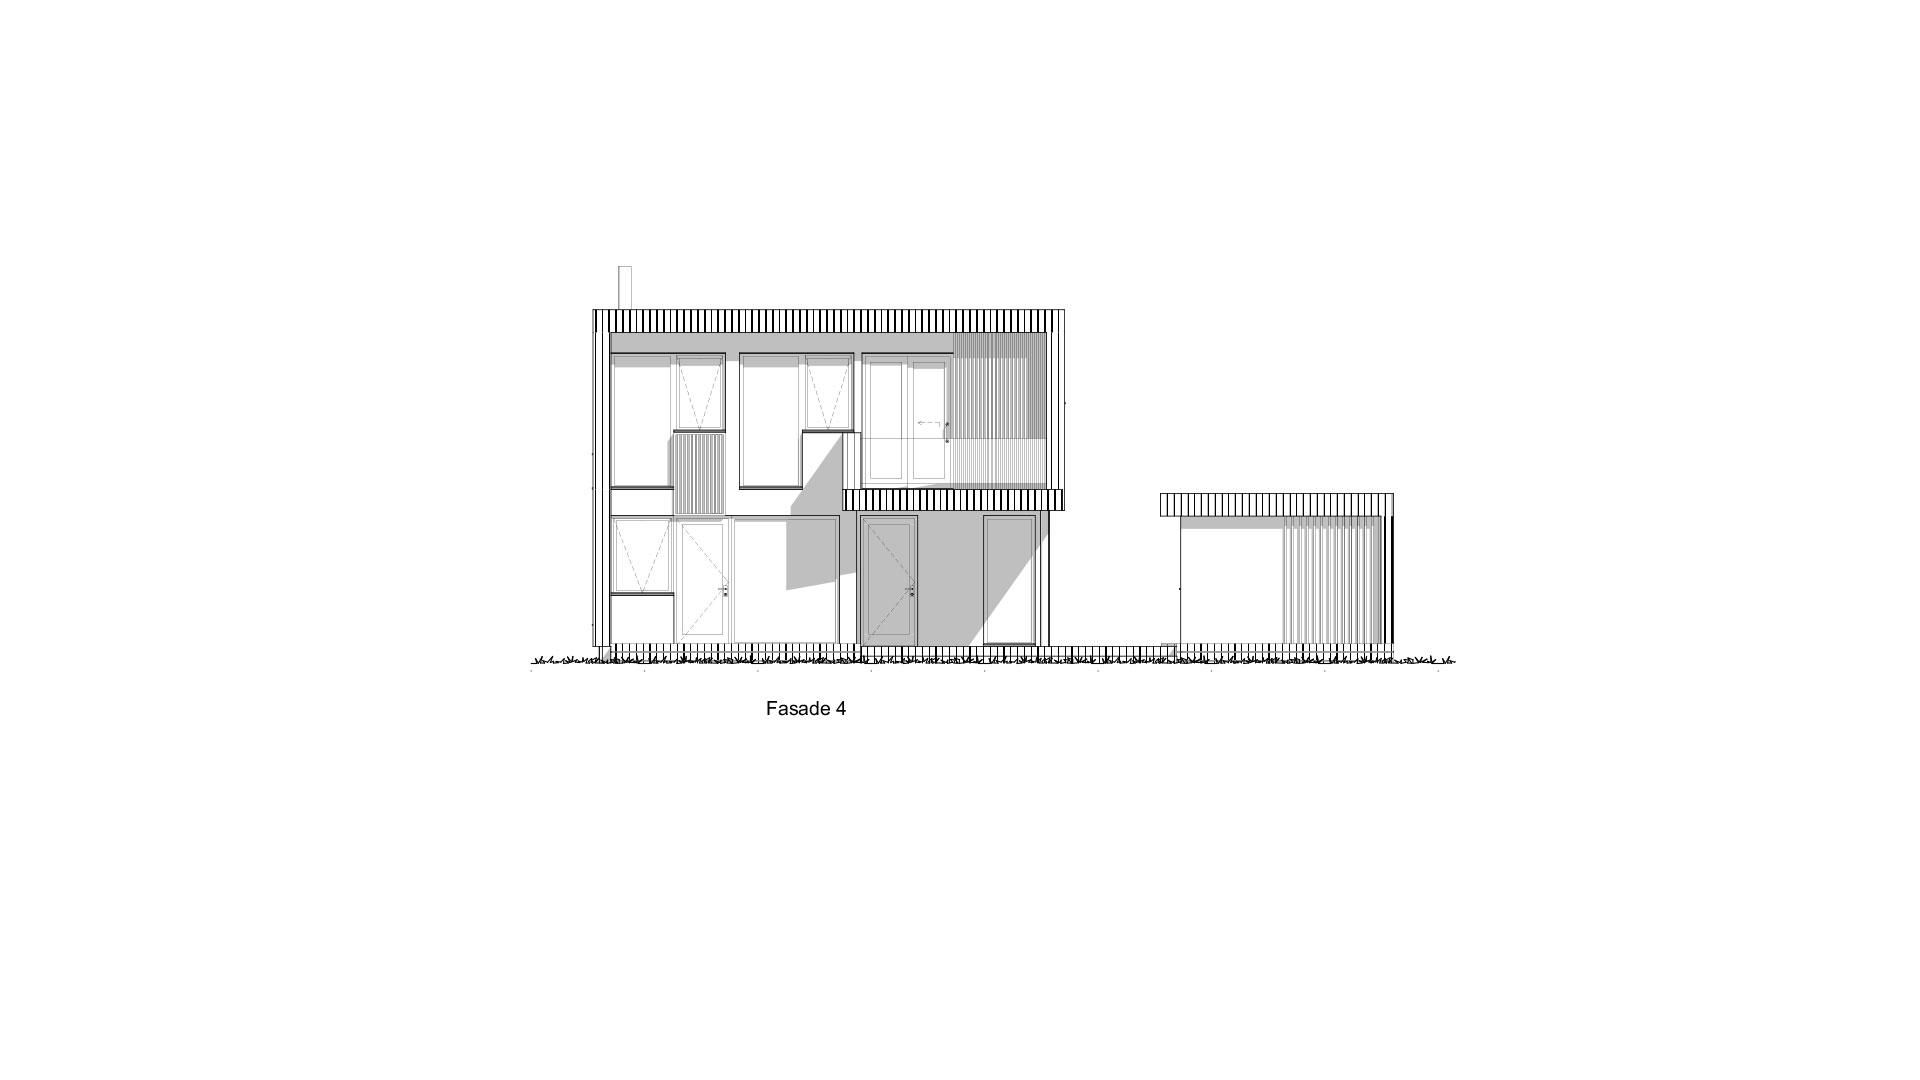 17-Bretten_Fasade4.jpg